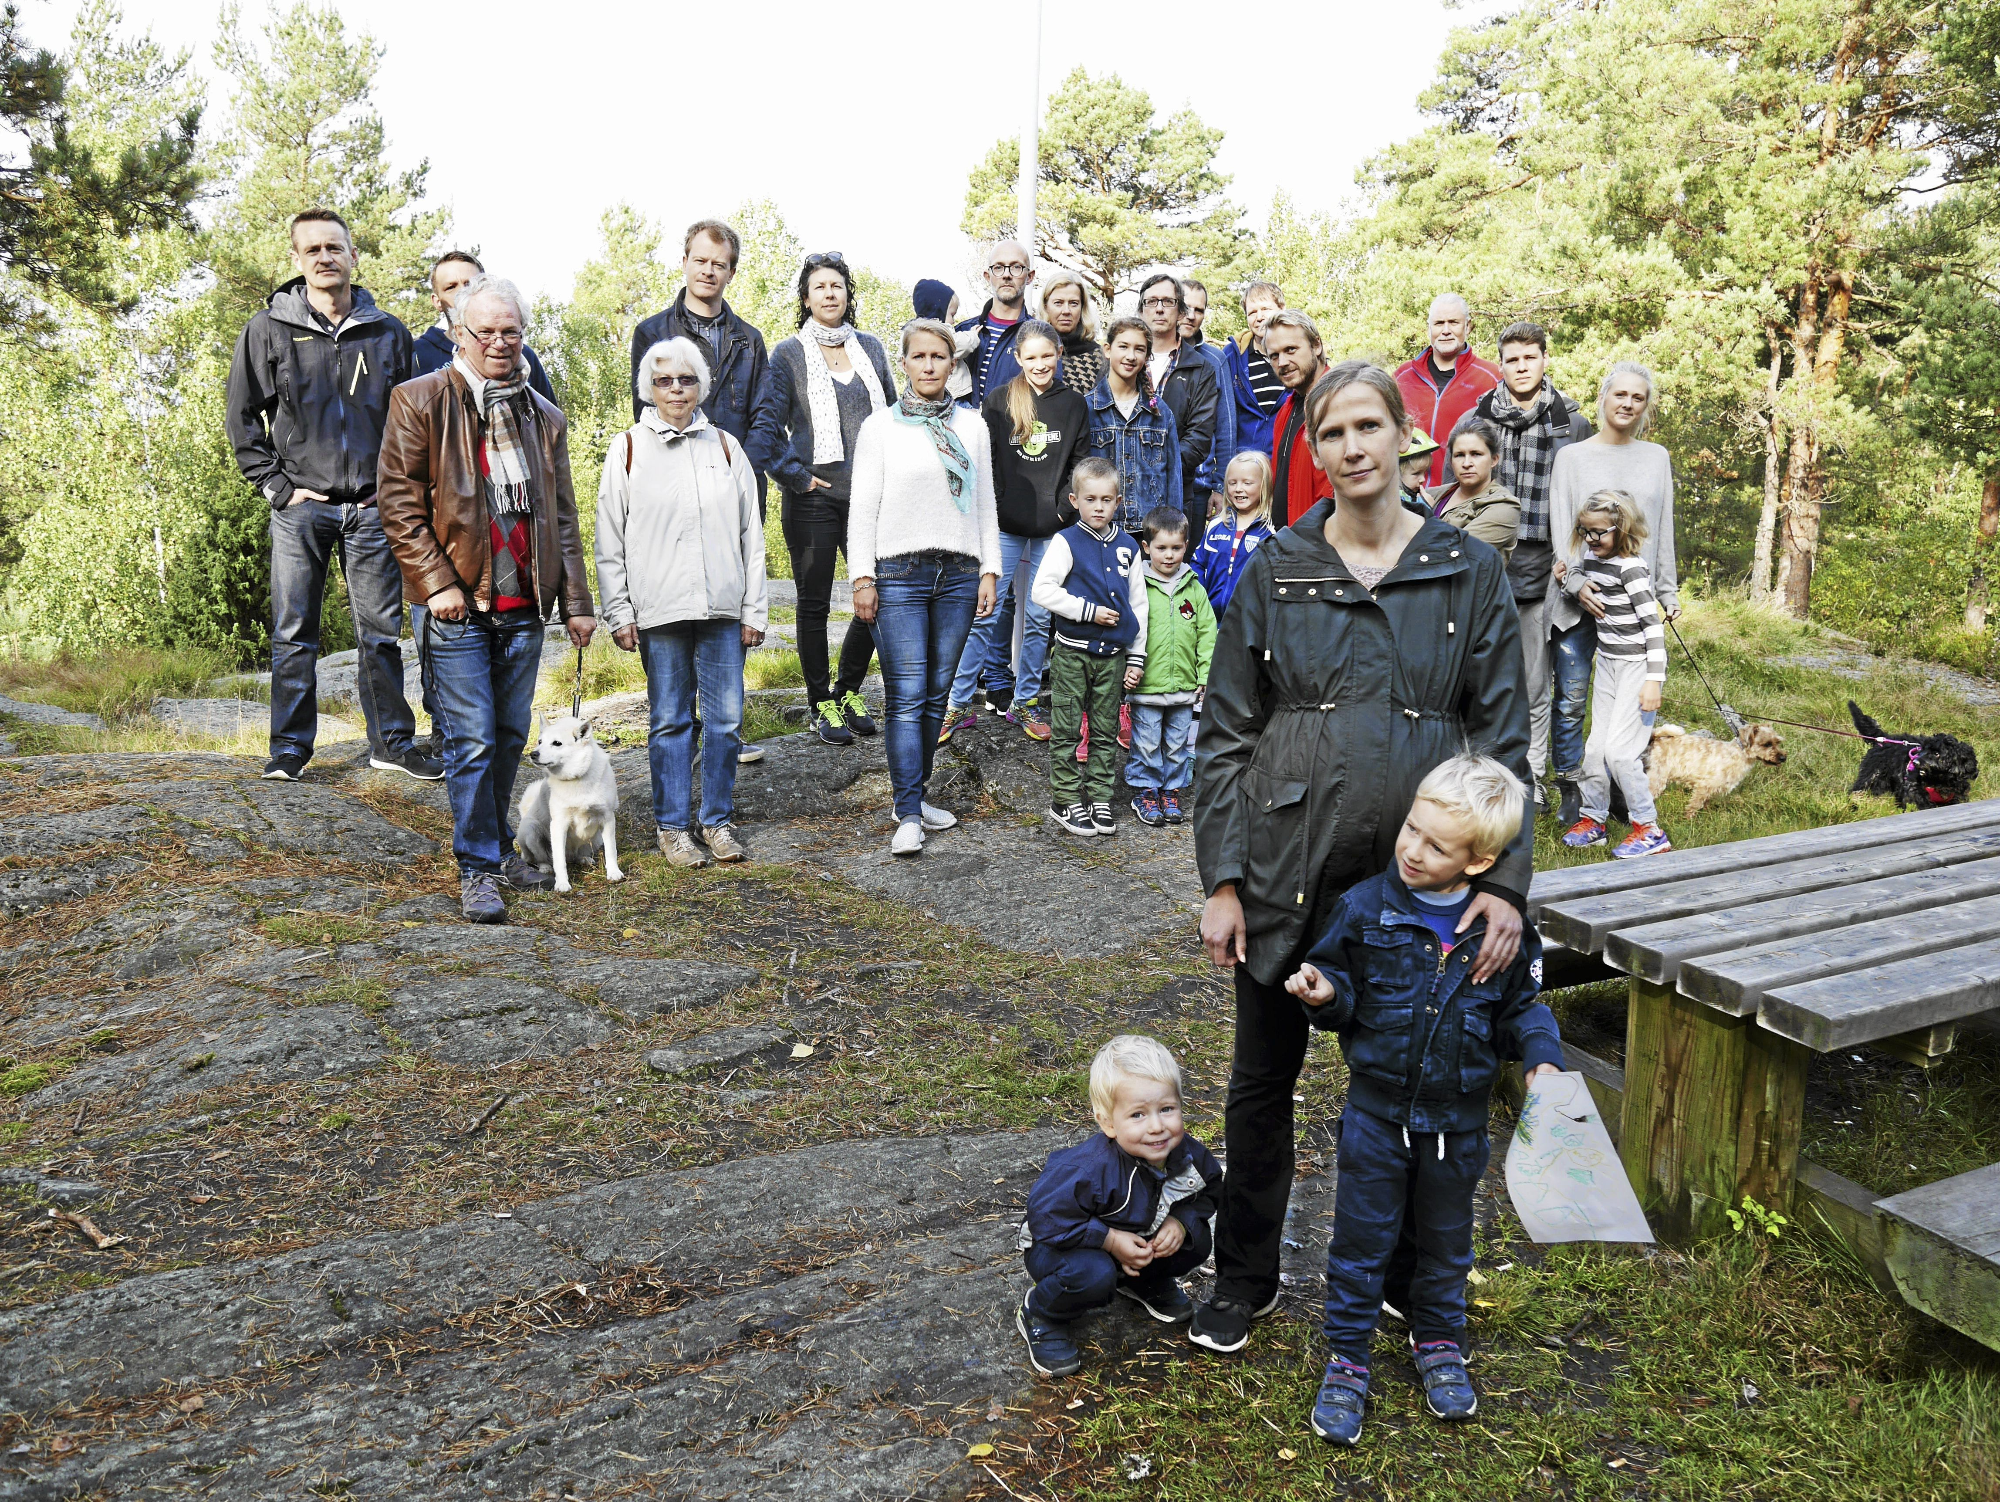 """NABOPROTEST: Det er ikke god stemning for utbygging av skogsområdene på Rikeåsen blant naboene, som nå rasler med sablene og ypper til """"krig"""" mot utbyggingsplanene. I front ser du Ragnhild Heyerdahl."""